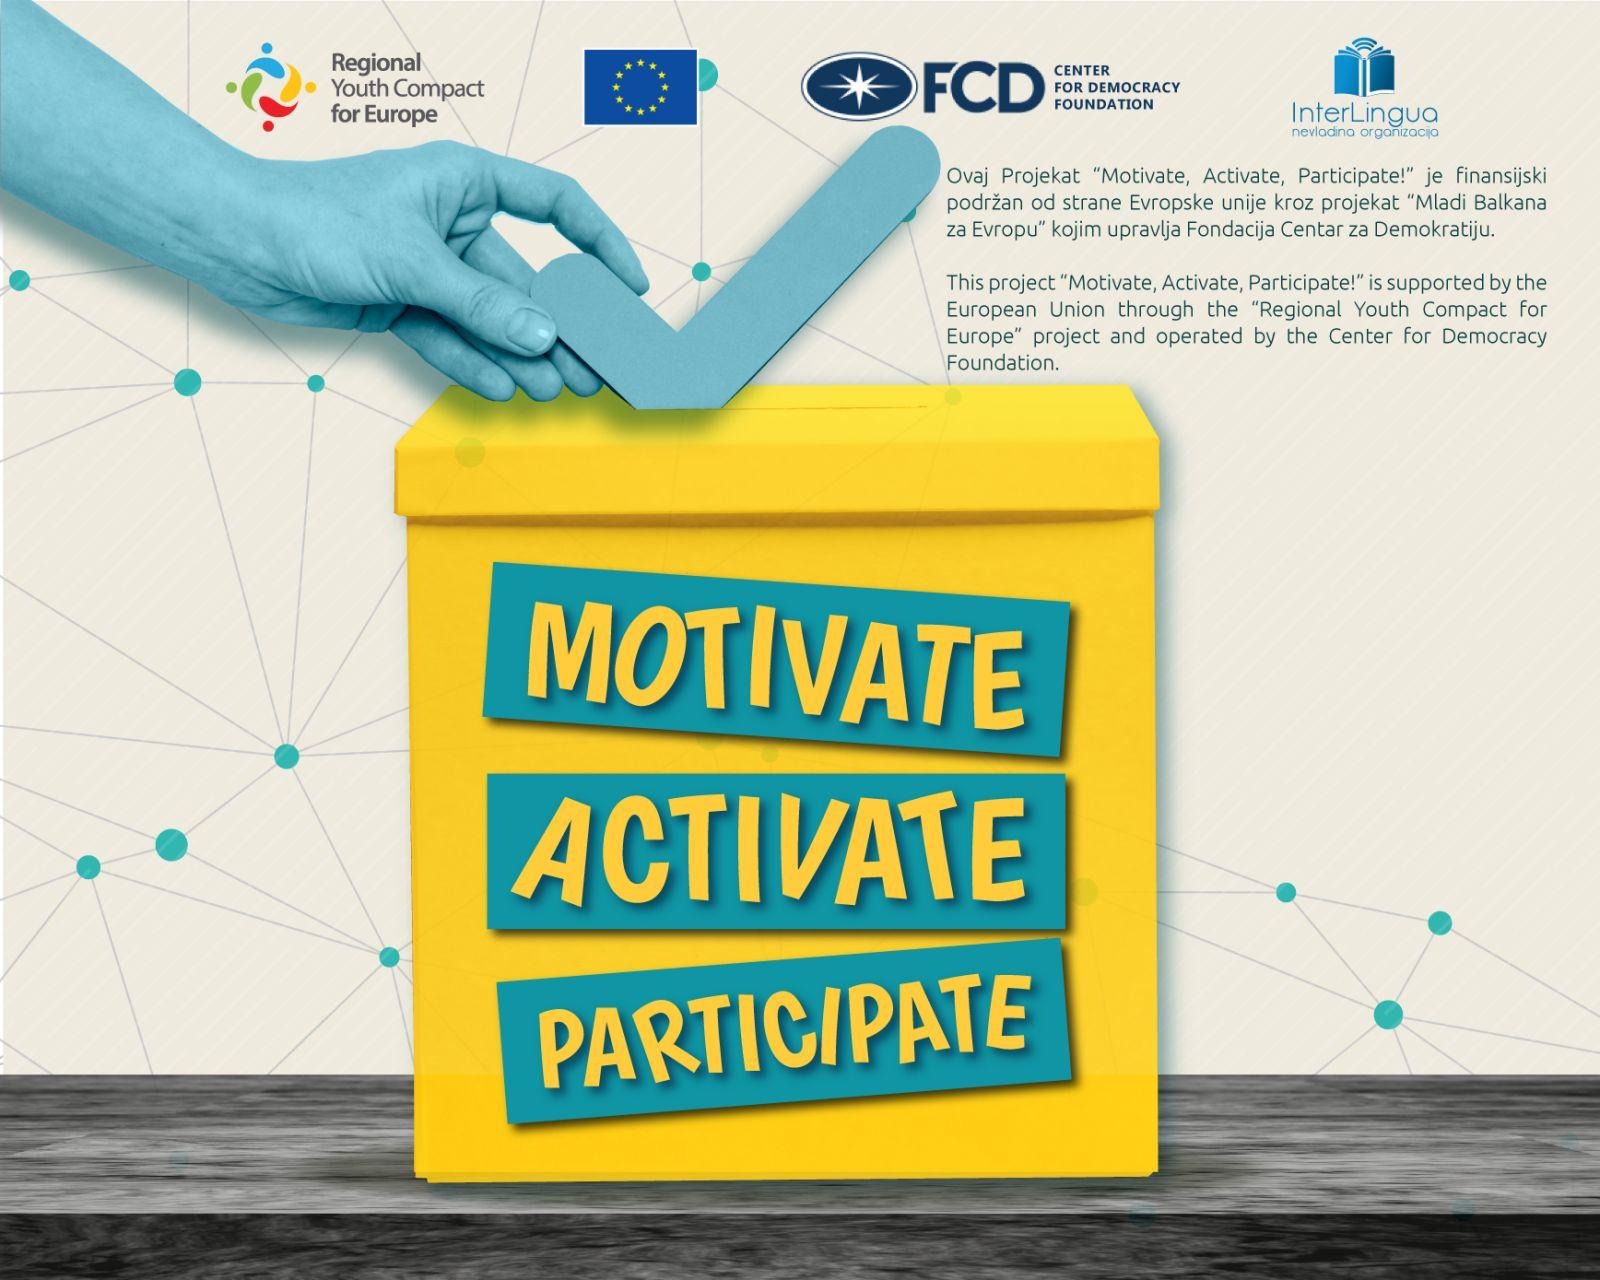 Odabrani pobjednici konkursa u okviru projekta Motivate, Activate, Participate!